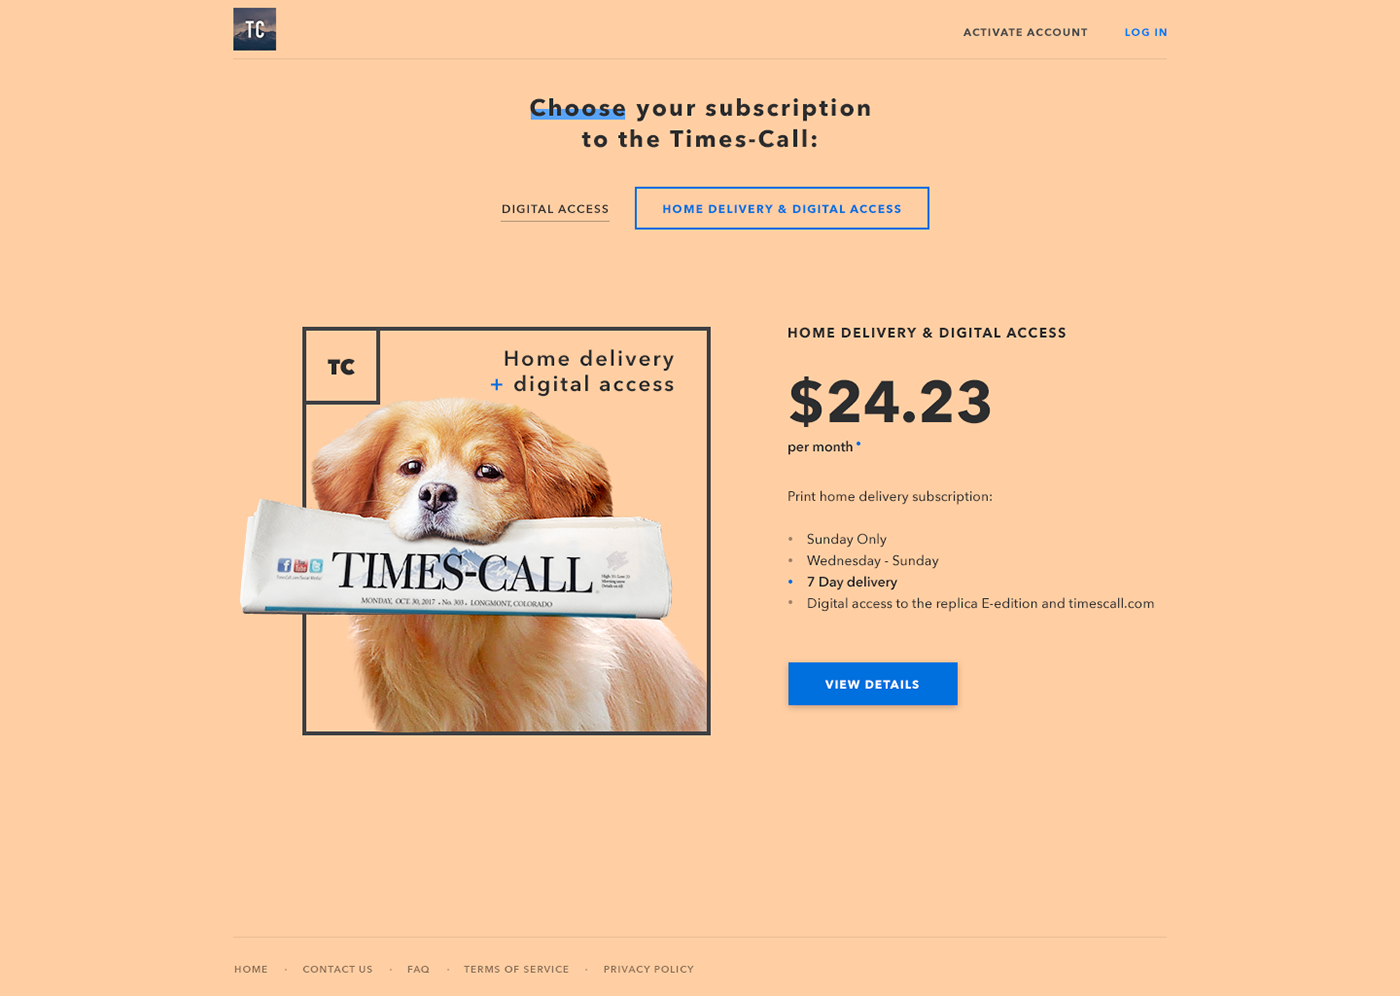 Image may contain: screenshot, dog and abstract